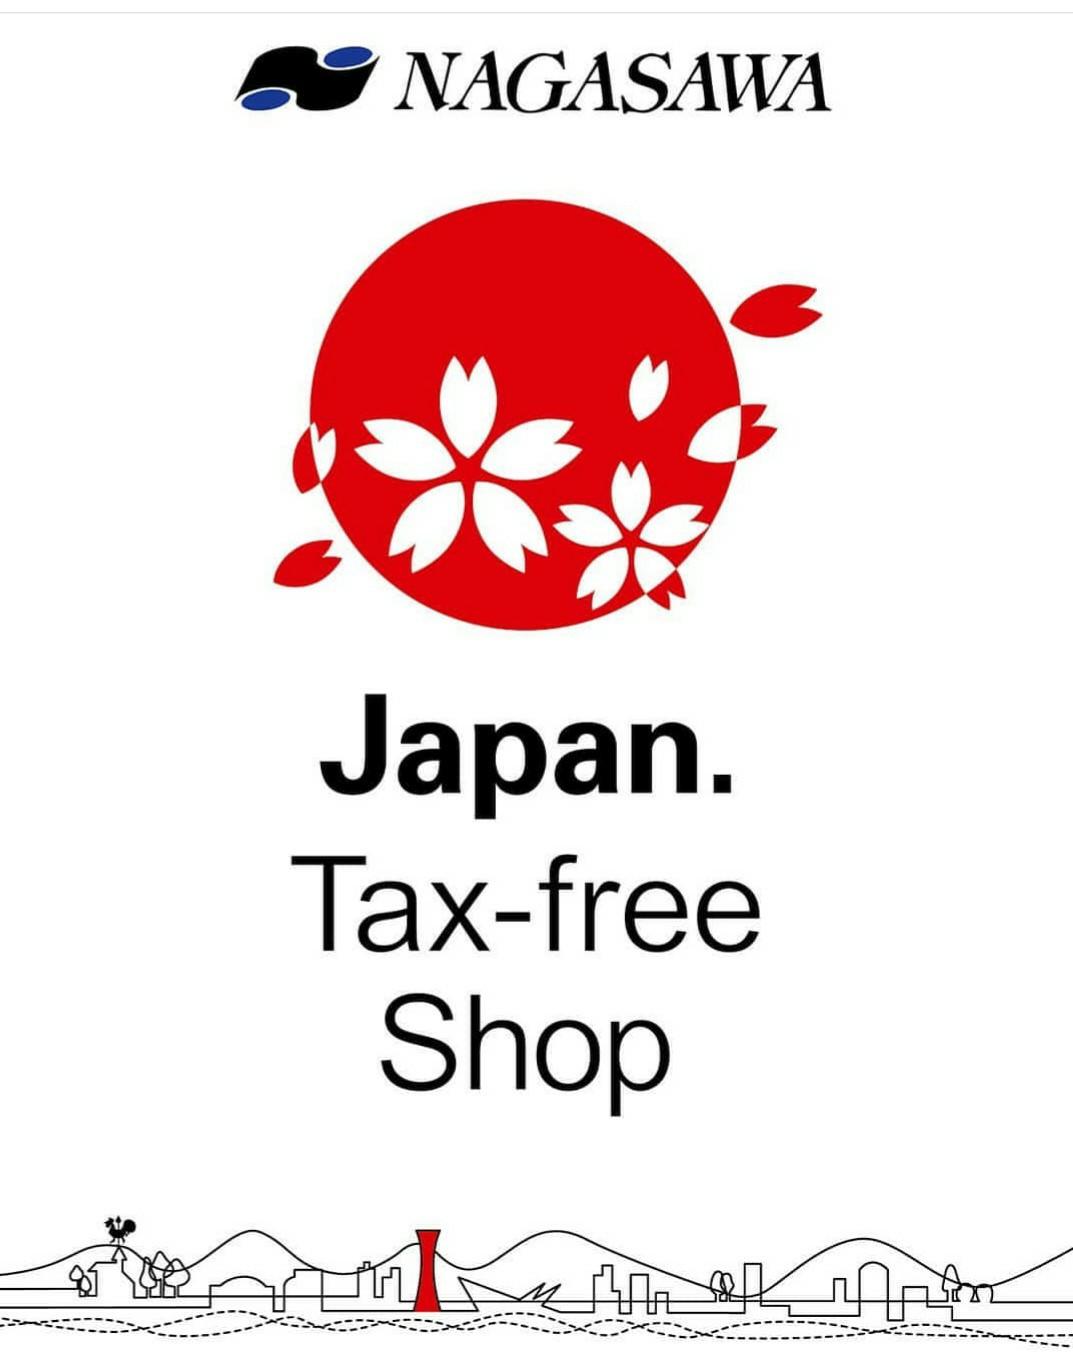 免税 ナガサワ文具センター 梅田茶屋町店の画像